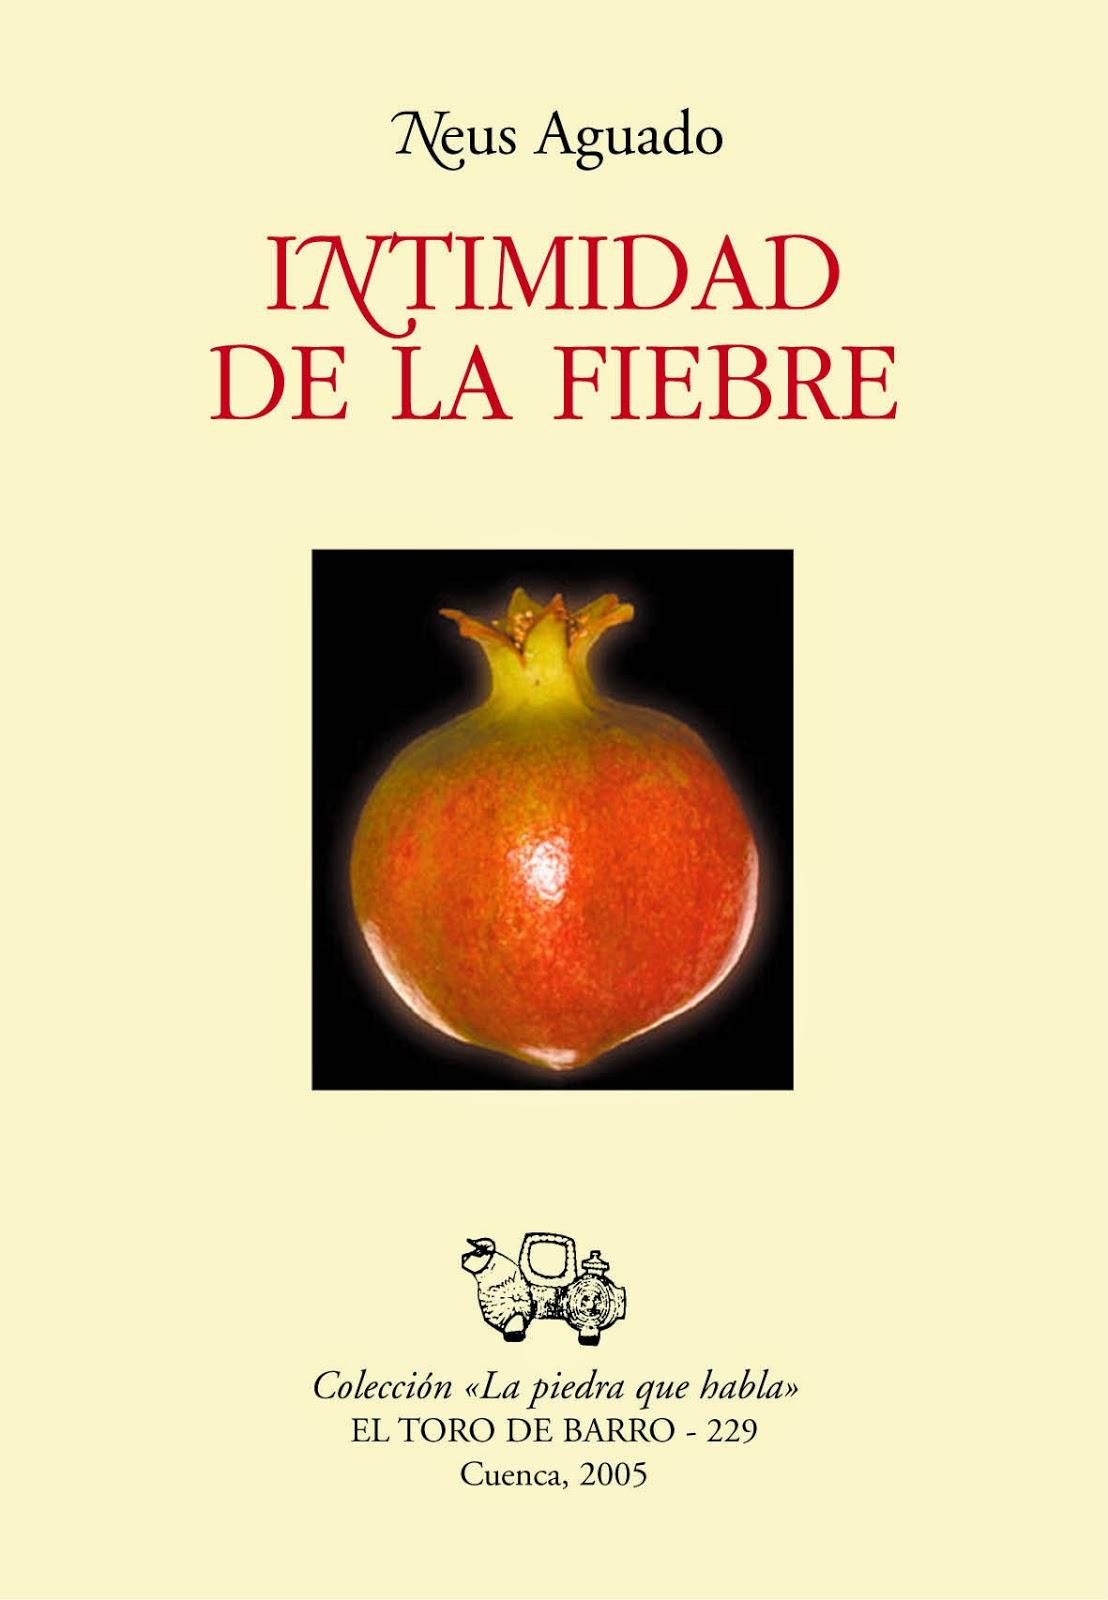 """Neus Aguado, """"Intimidad de la fiebre"""", col. La piedra que habla, Ed. El toro de barro, Tarancón de Cuenca, 2005"""